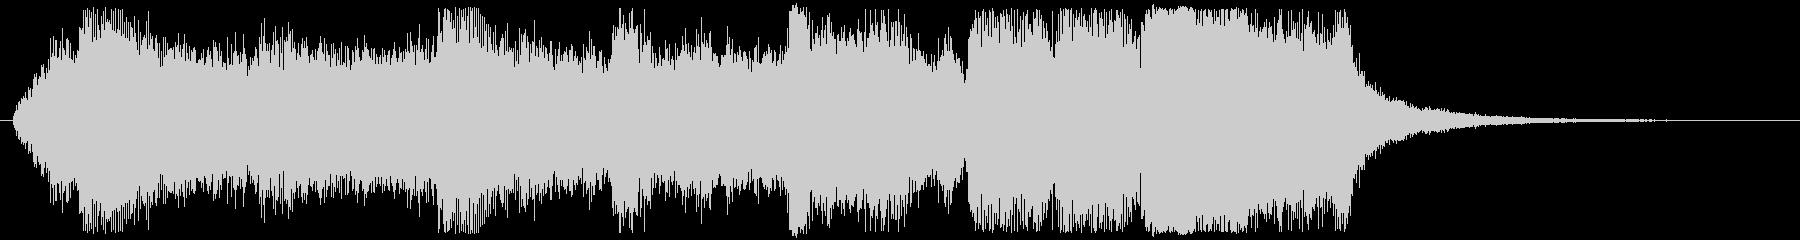 オーケストラ・ファンタジックなジングルの未再生の波形